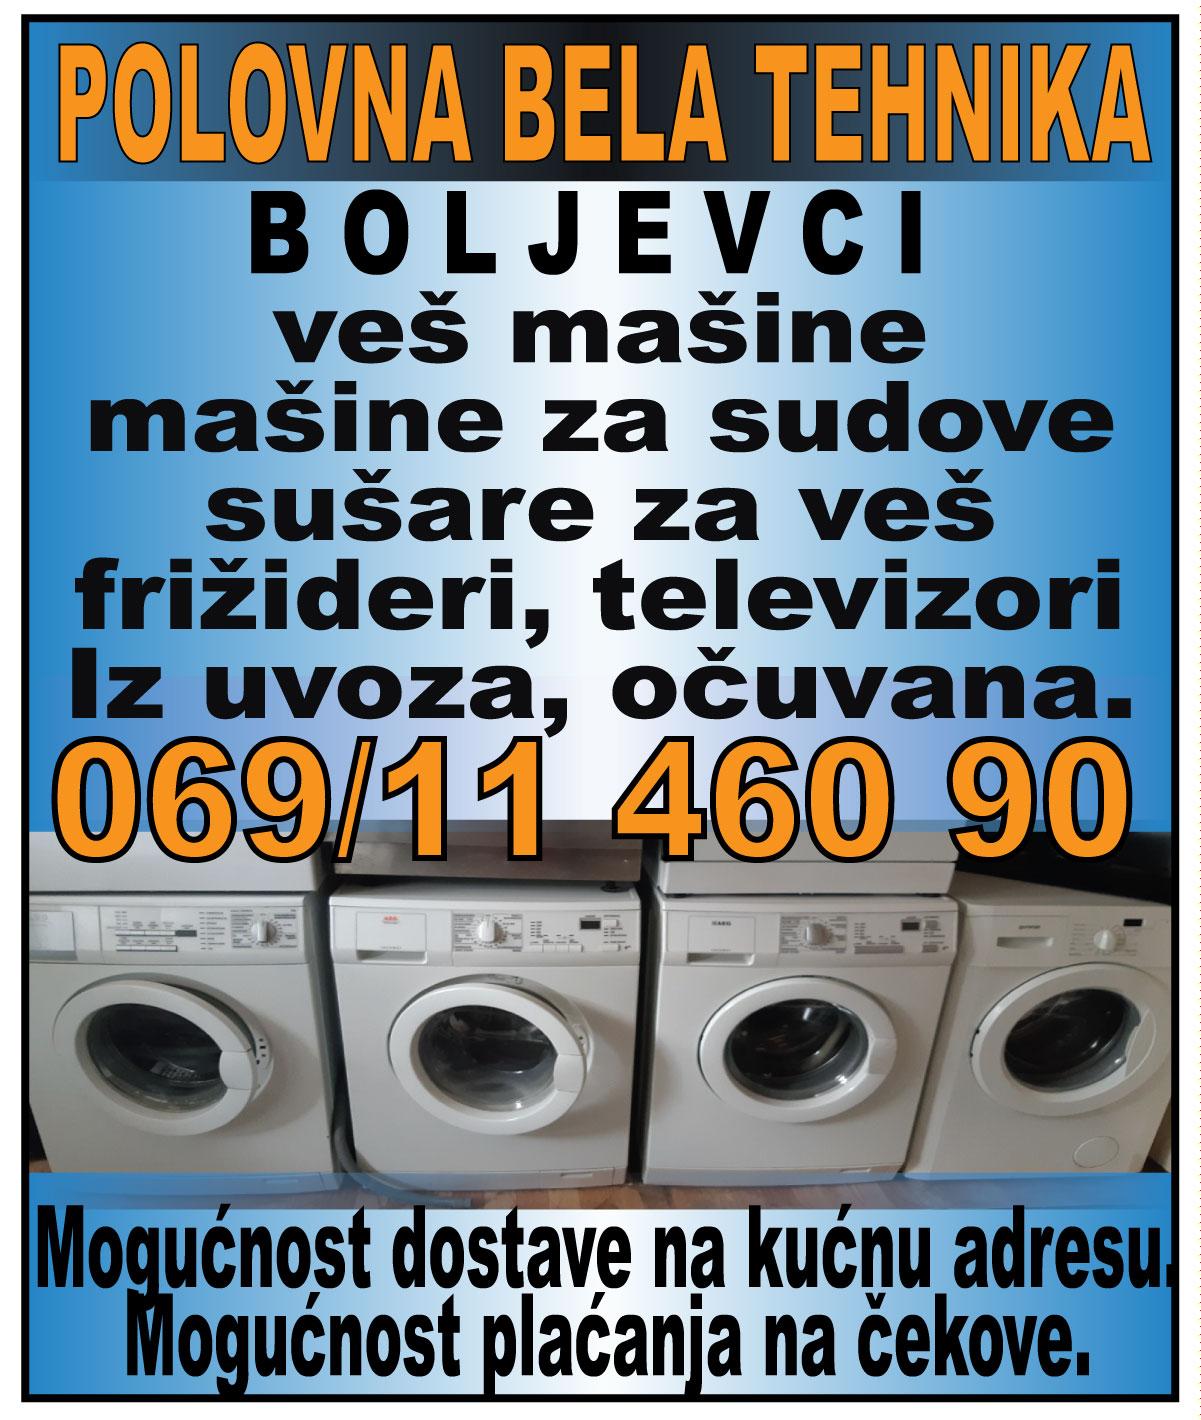 POLOVNA-TEHNIKA-boljevci-ves-masine-kucanski-aparati-sporet-belatehnika-pokvareno-mojabaza